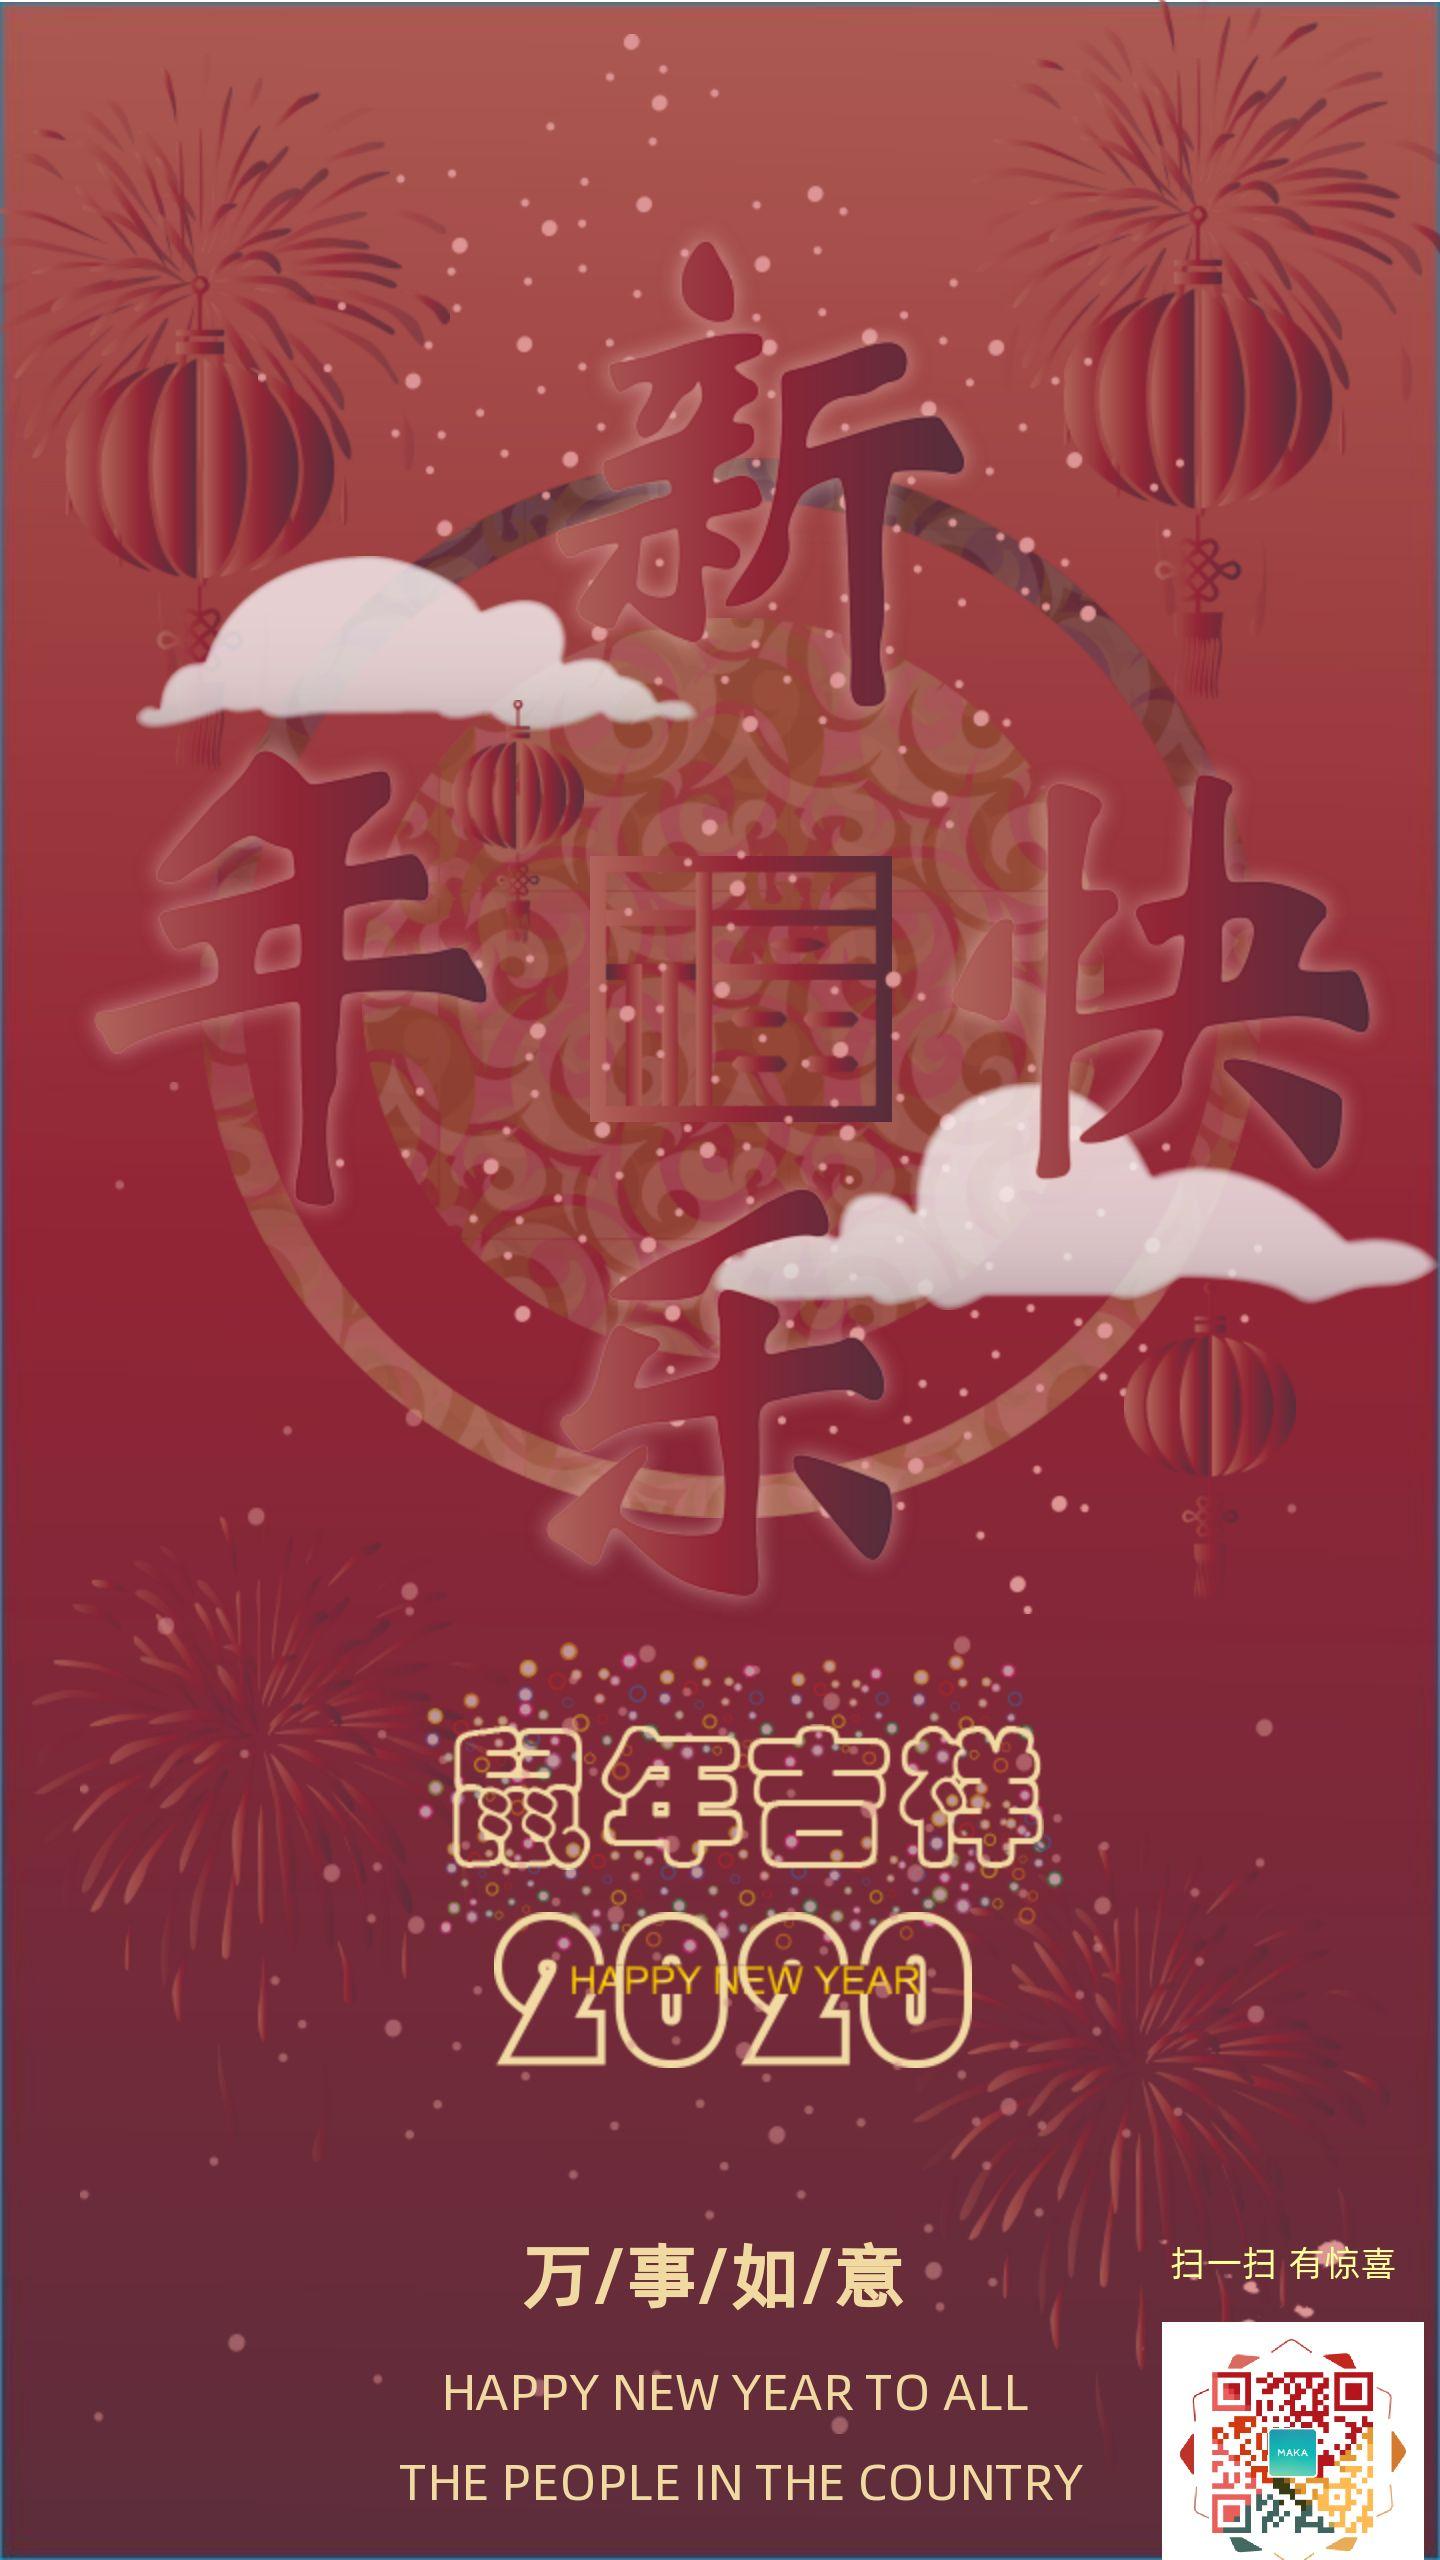 鼠年新年快乐中国风祝福海报